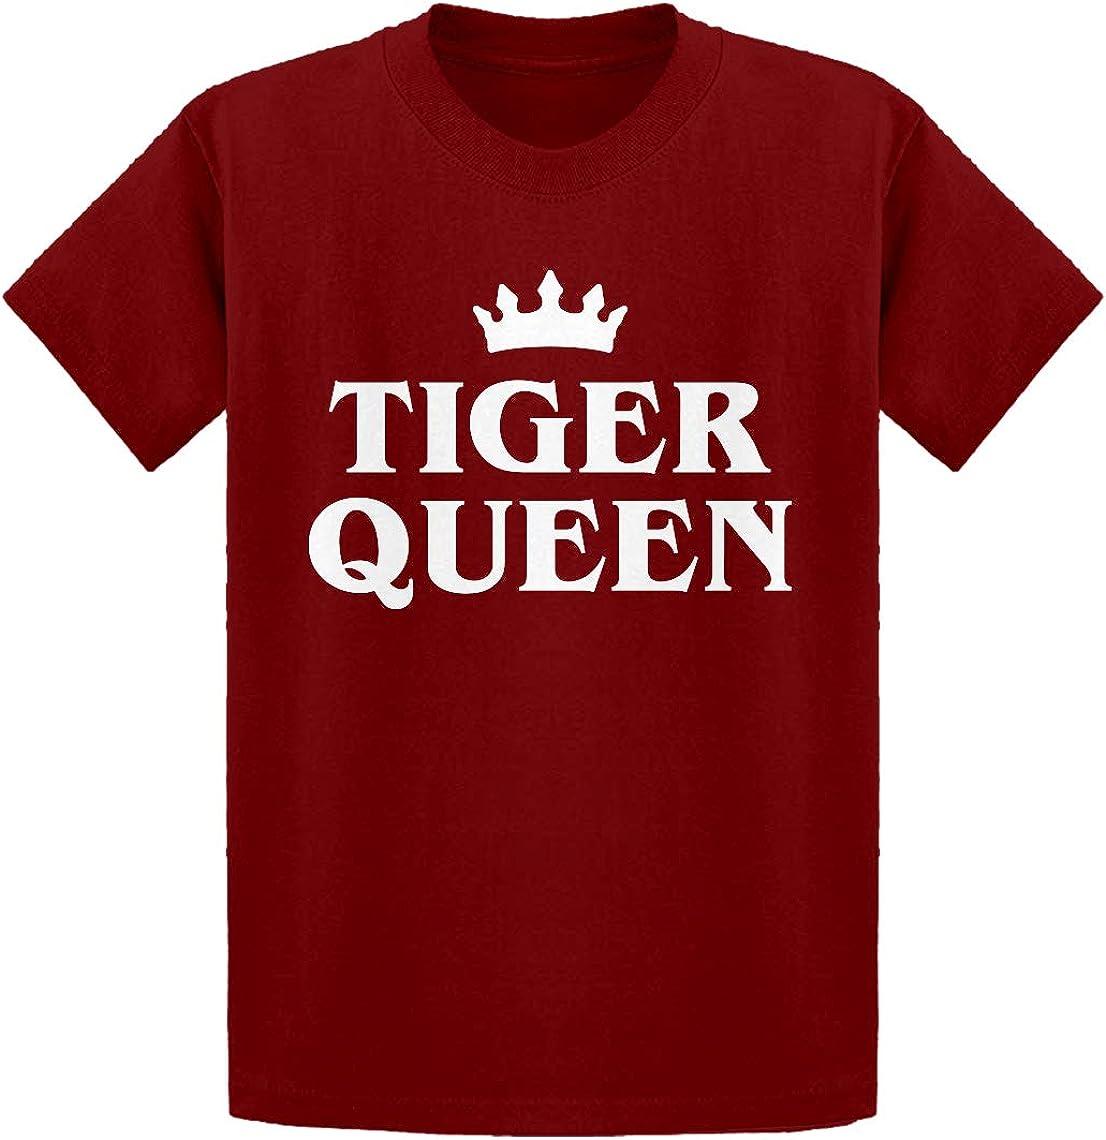 Tiger Queen Kids T-Shirt